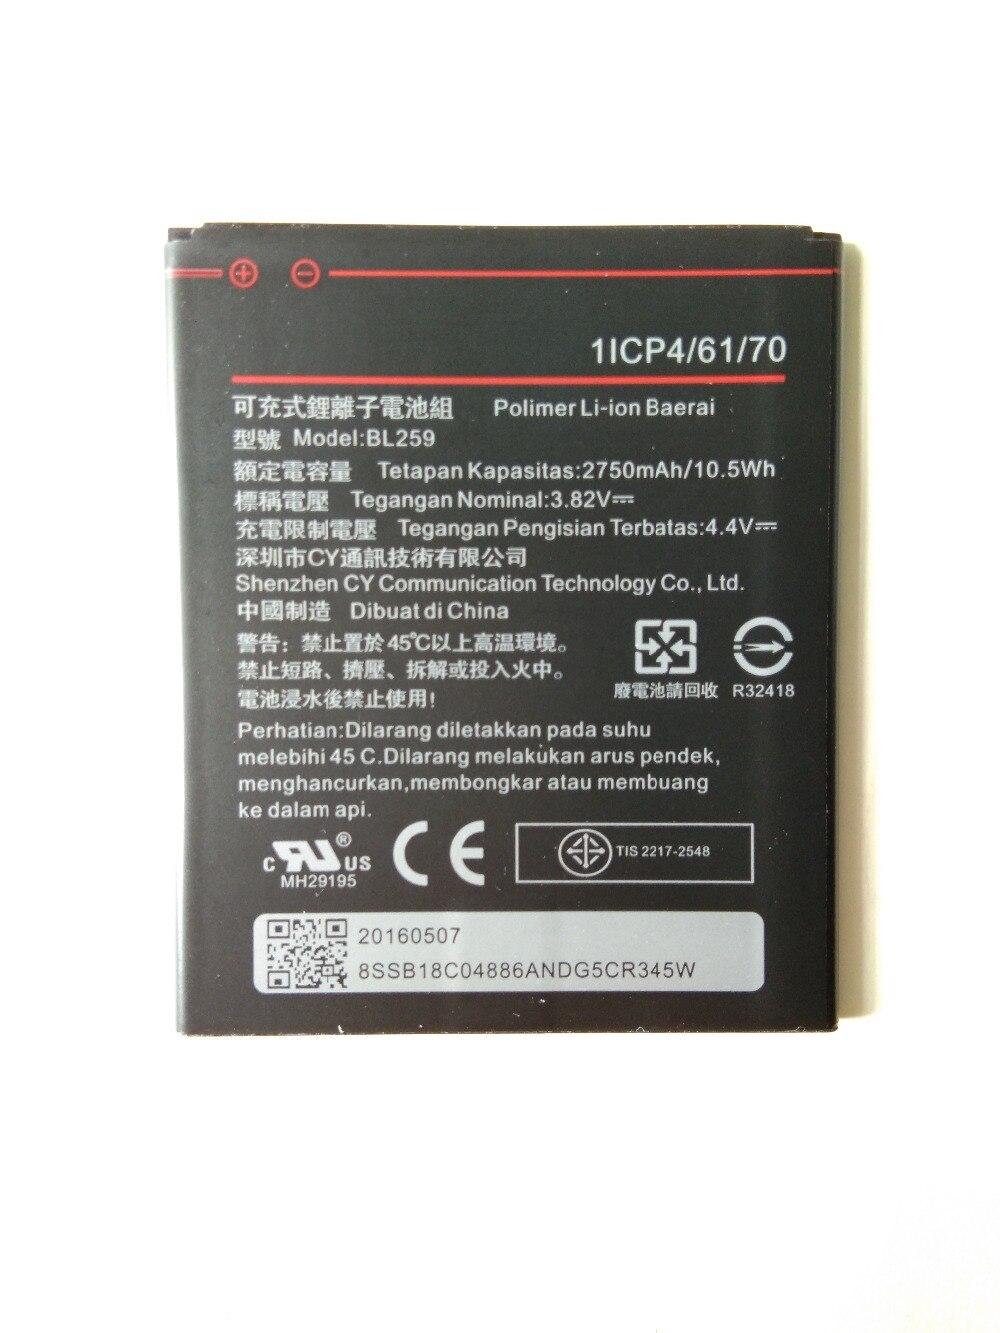 New 2750mAh BL259 battery for Lenovo K32C30 K32C36 lemon K3 K5 Vibe K5 / K5 Plus cell phone